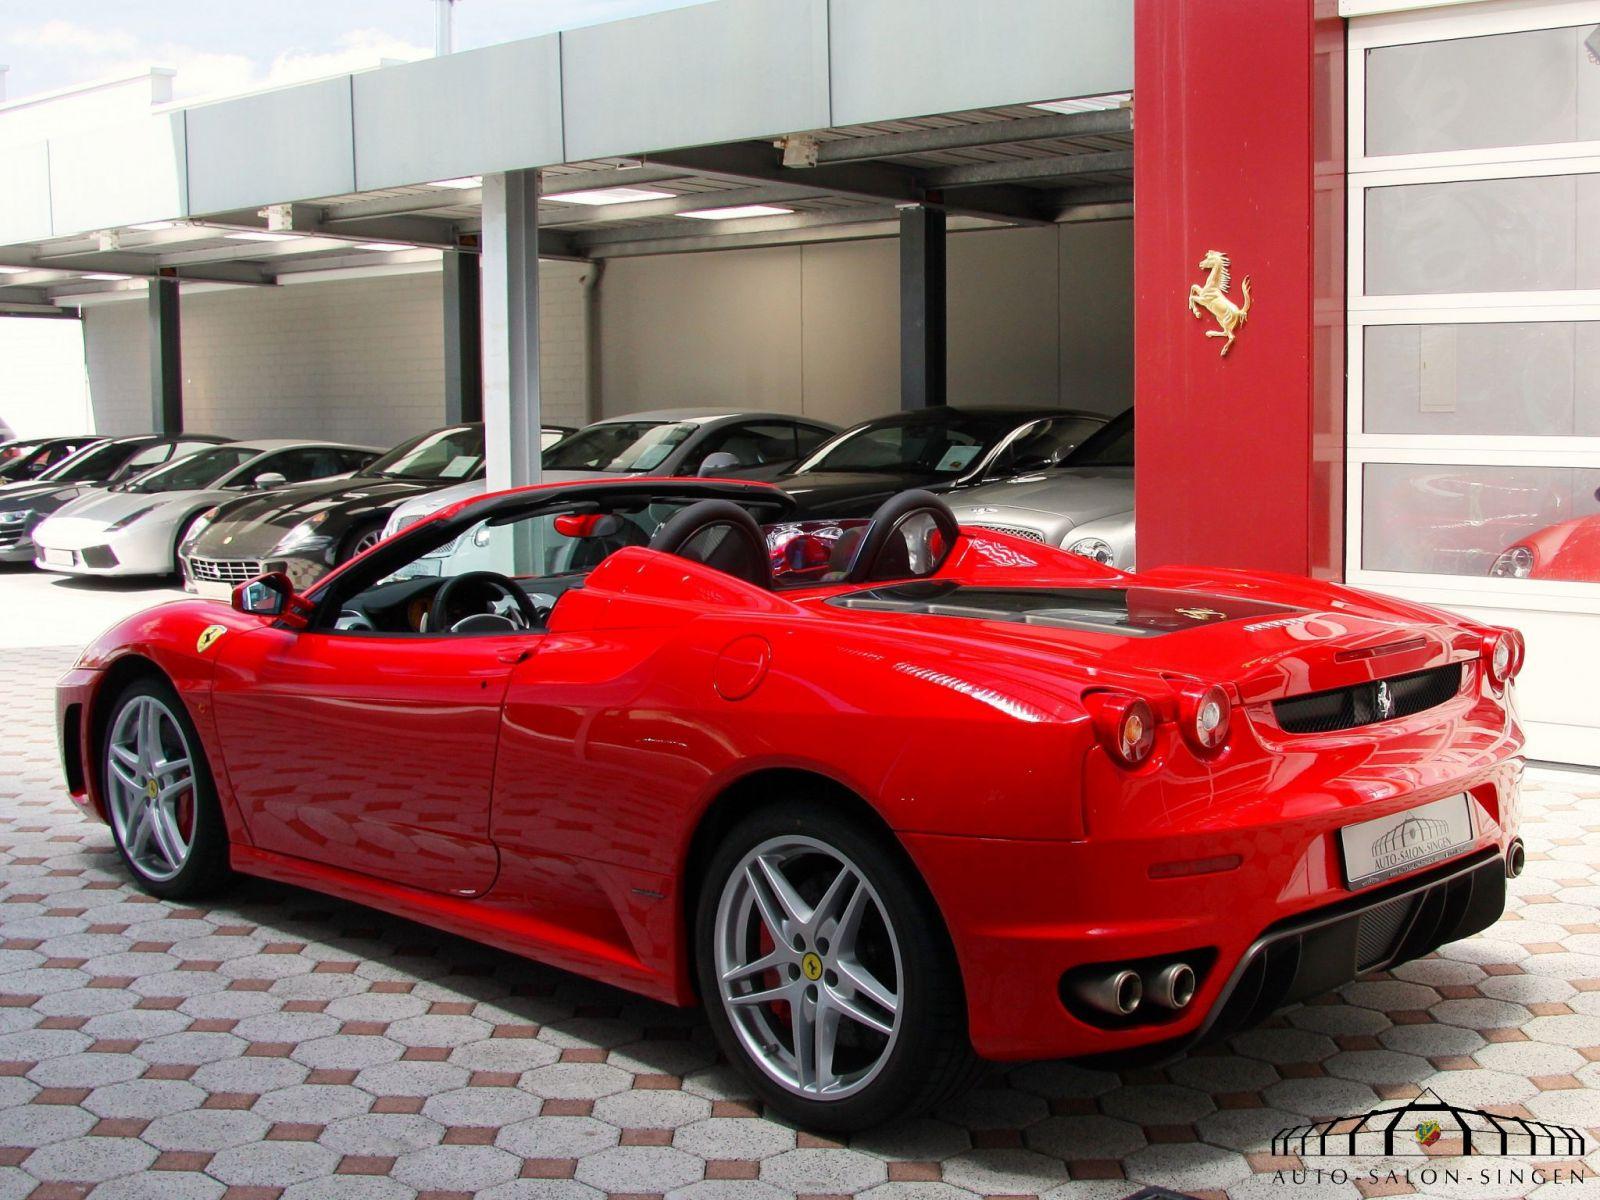 Ferrari F430 Spider Cabrio Auto Salon Singen